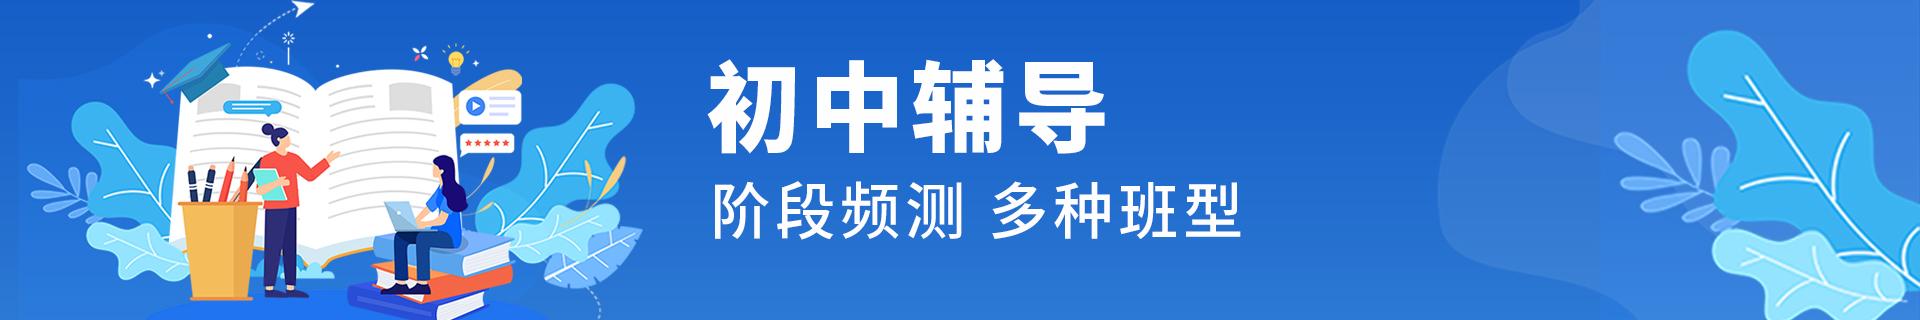 邢台桥东区励学中小学辅导培训